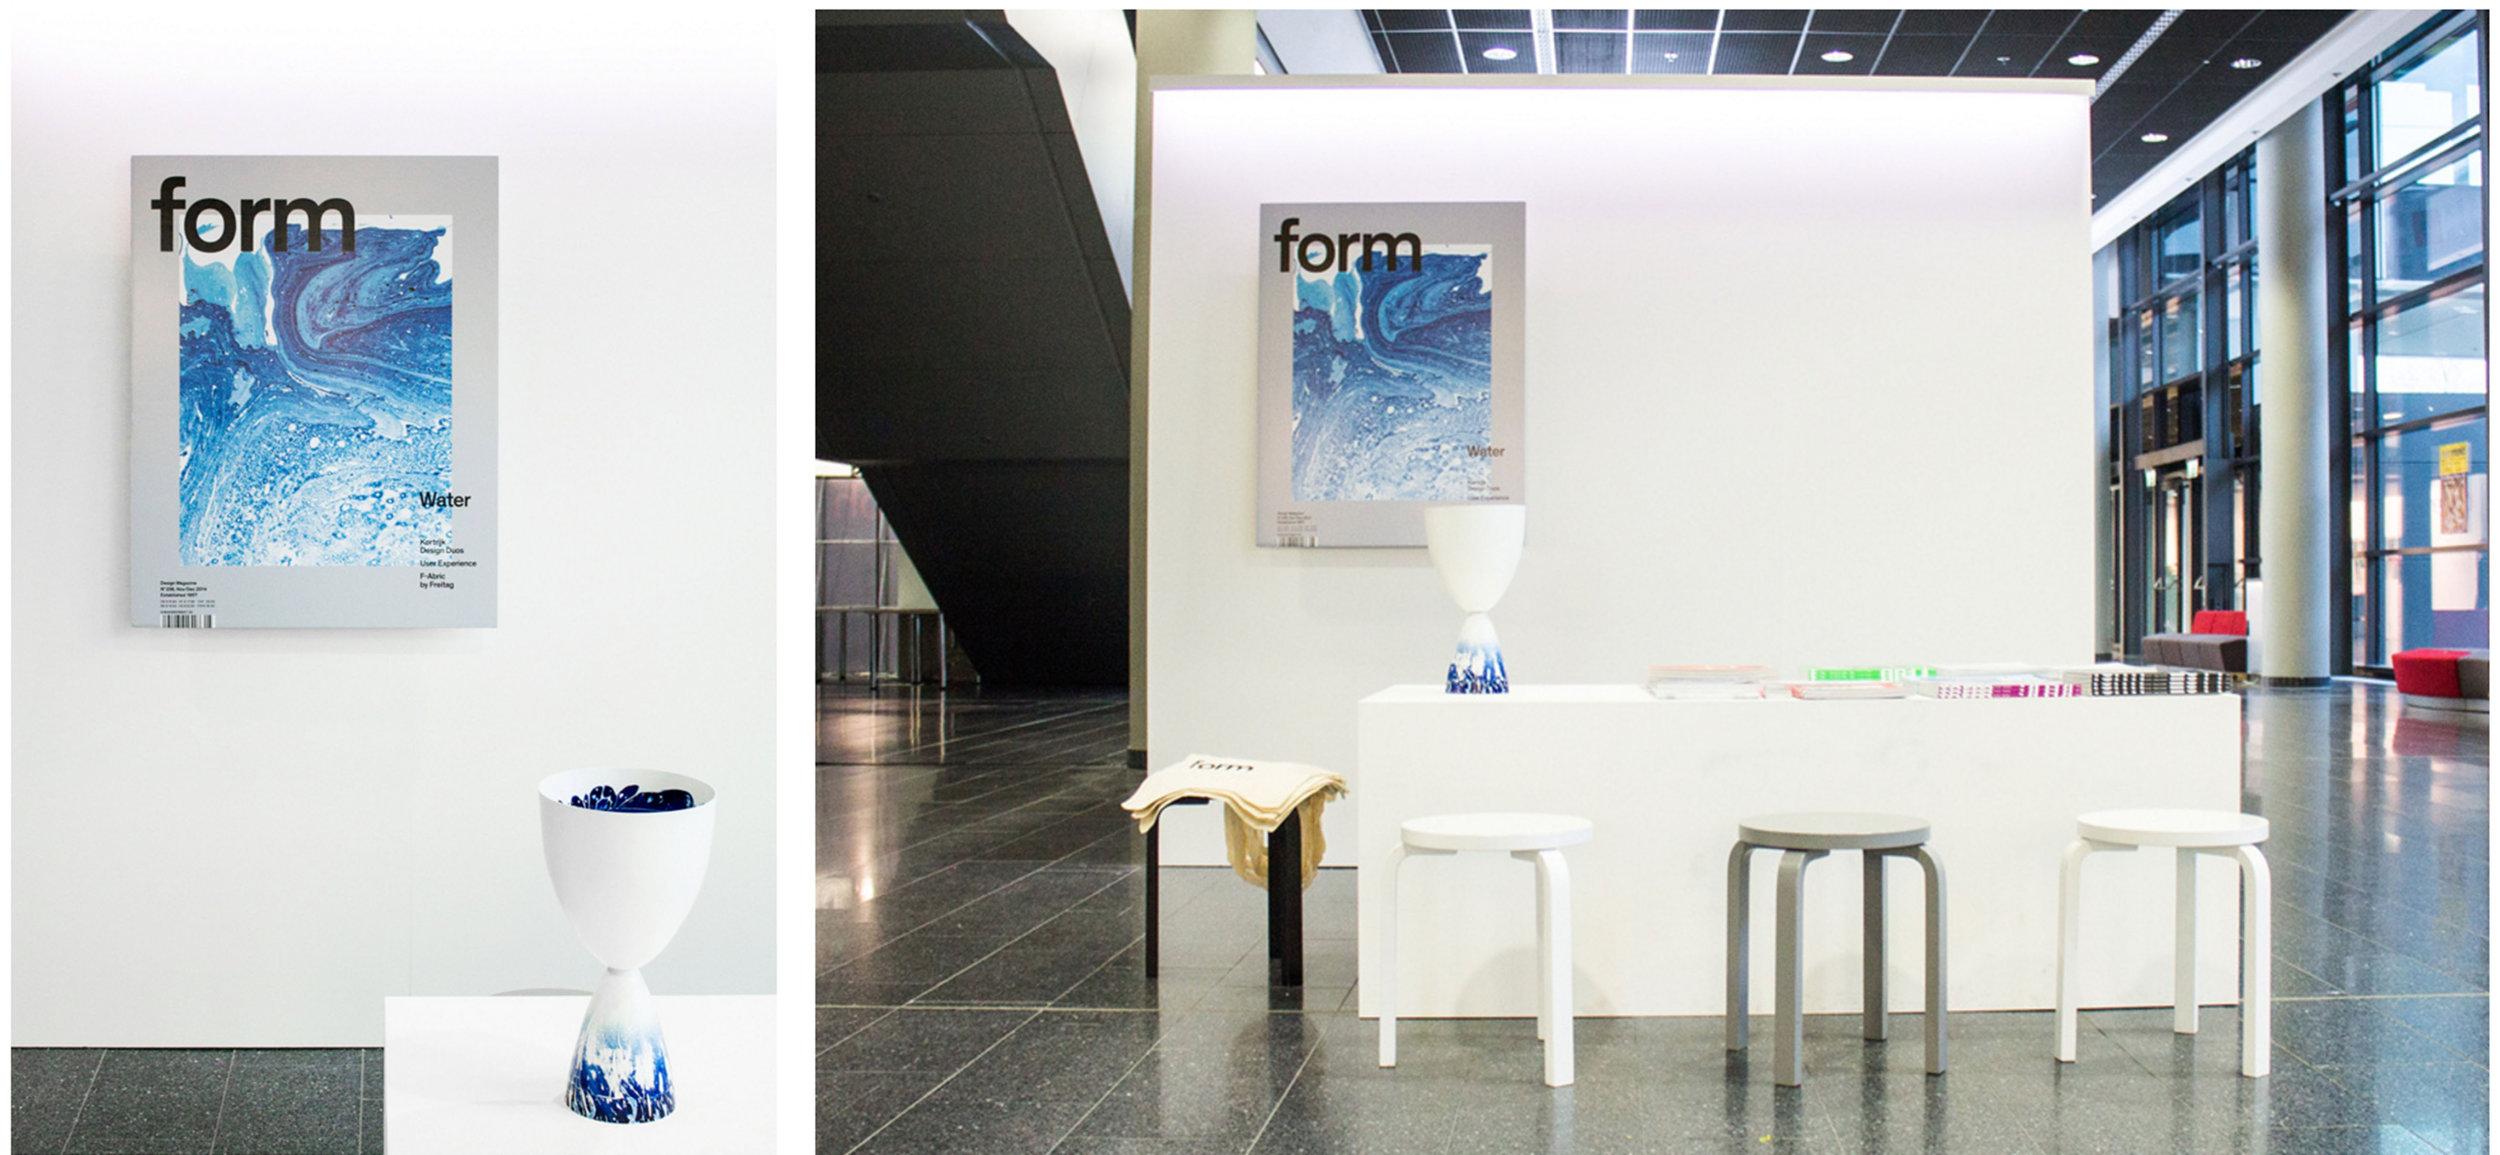 form.fair.jpg